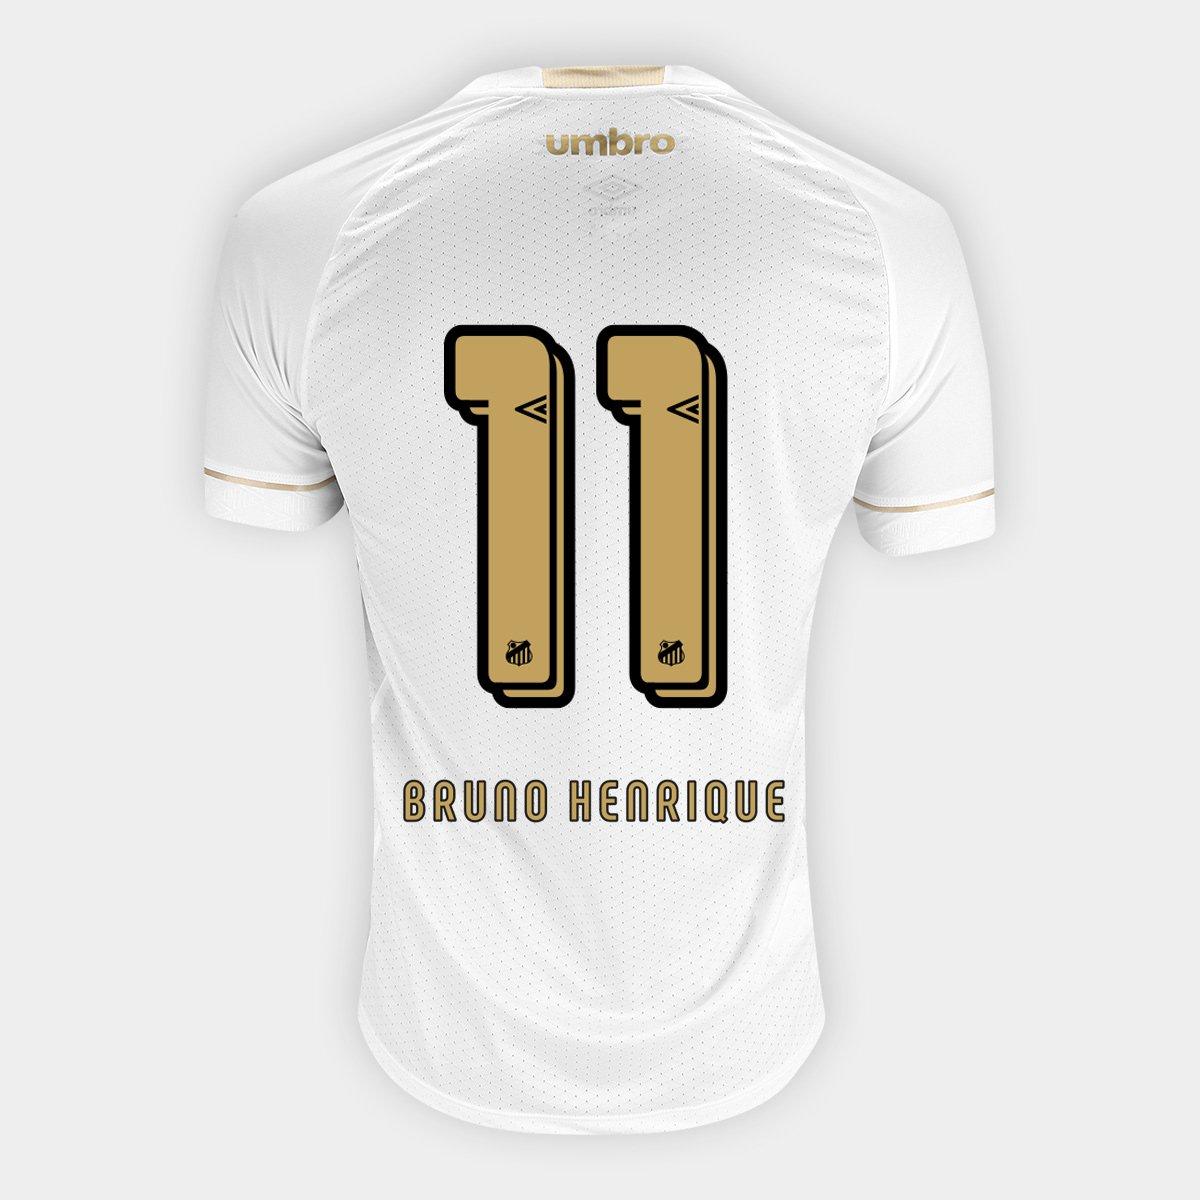 21b3ac4135 Camisa Santos I 18 19 n° 11 Bruno Henrique - Torcedor Umbro Masculina -  Compre Agora